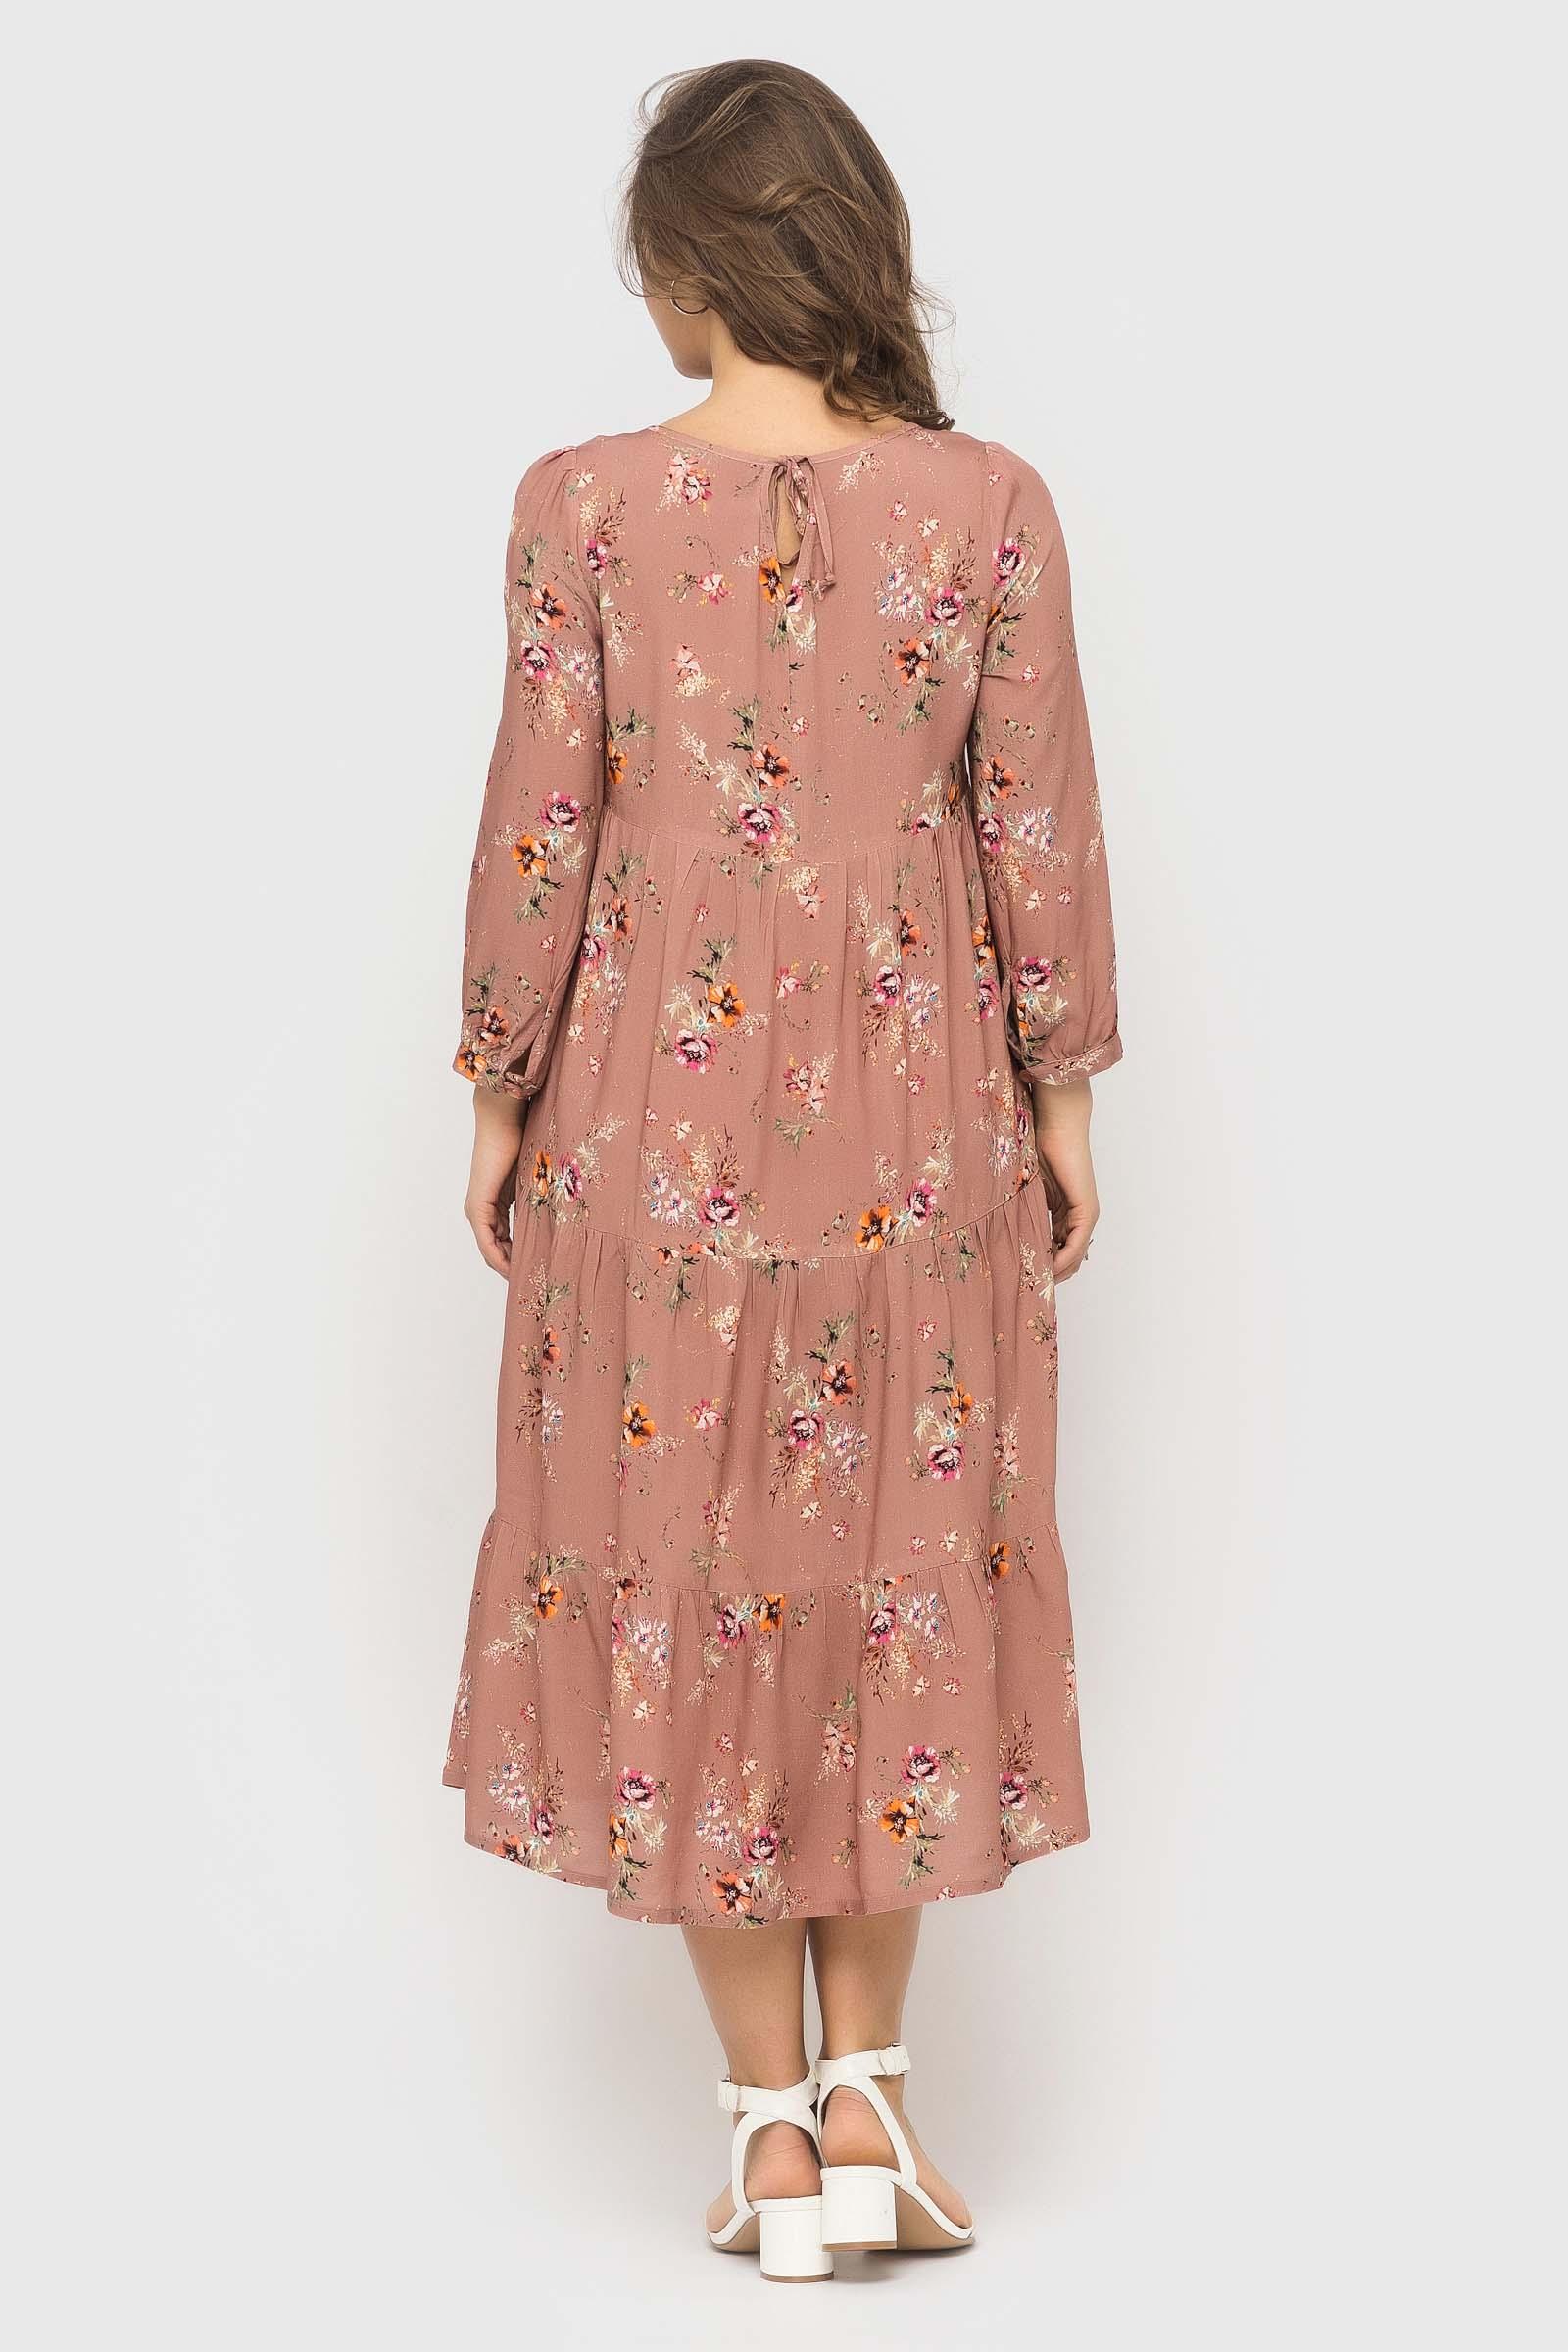 be art 2020 04 07182406 Купить платье